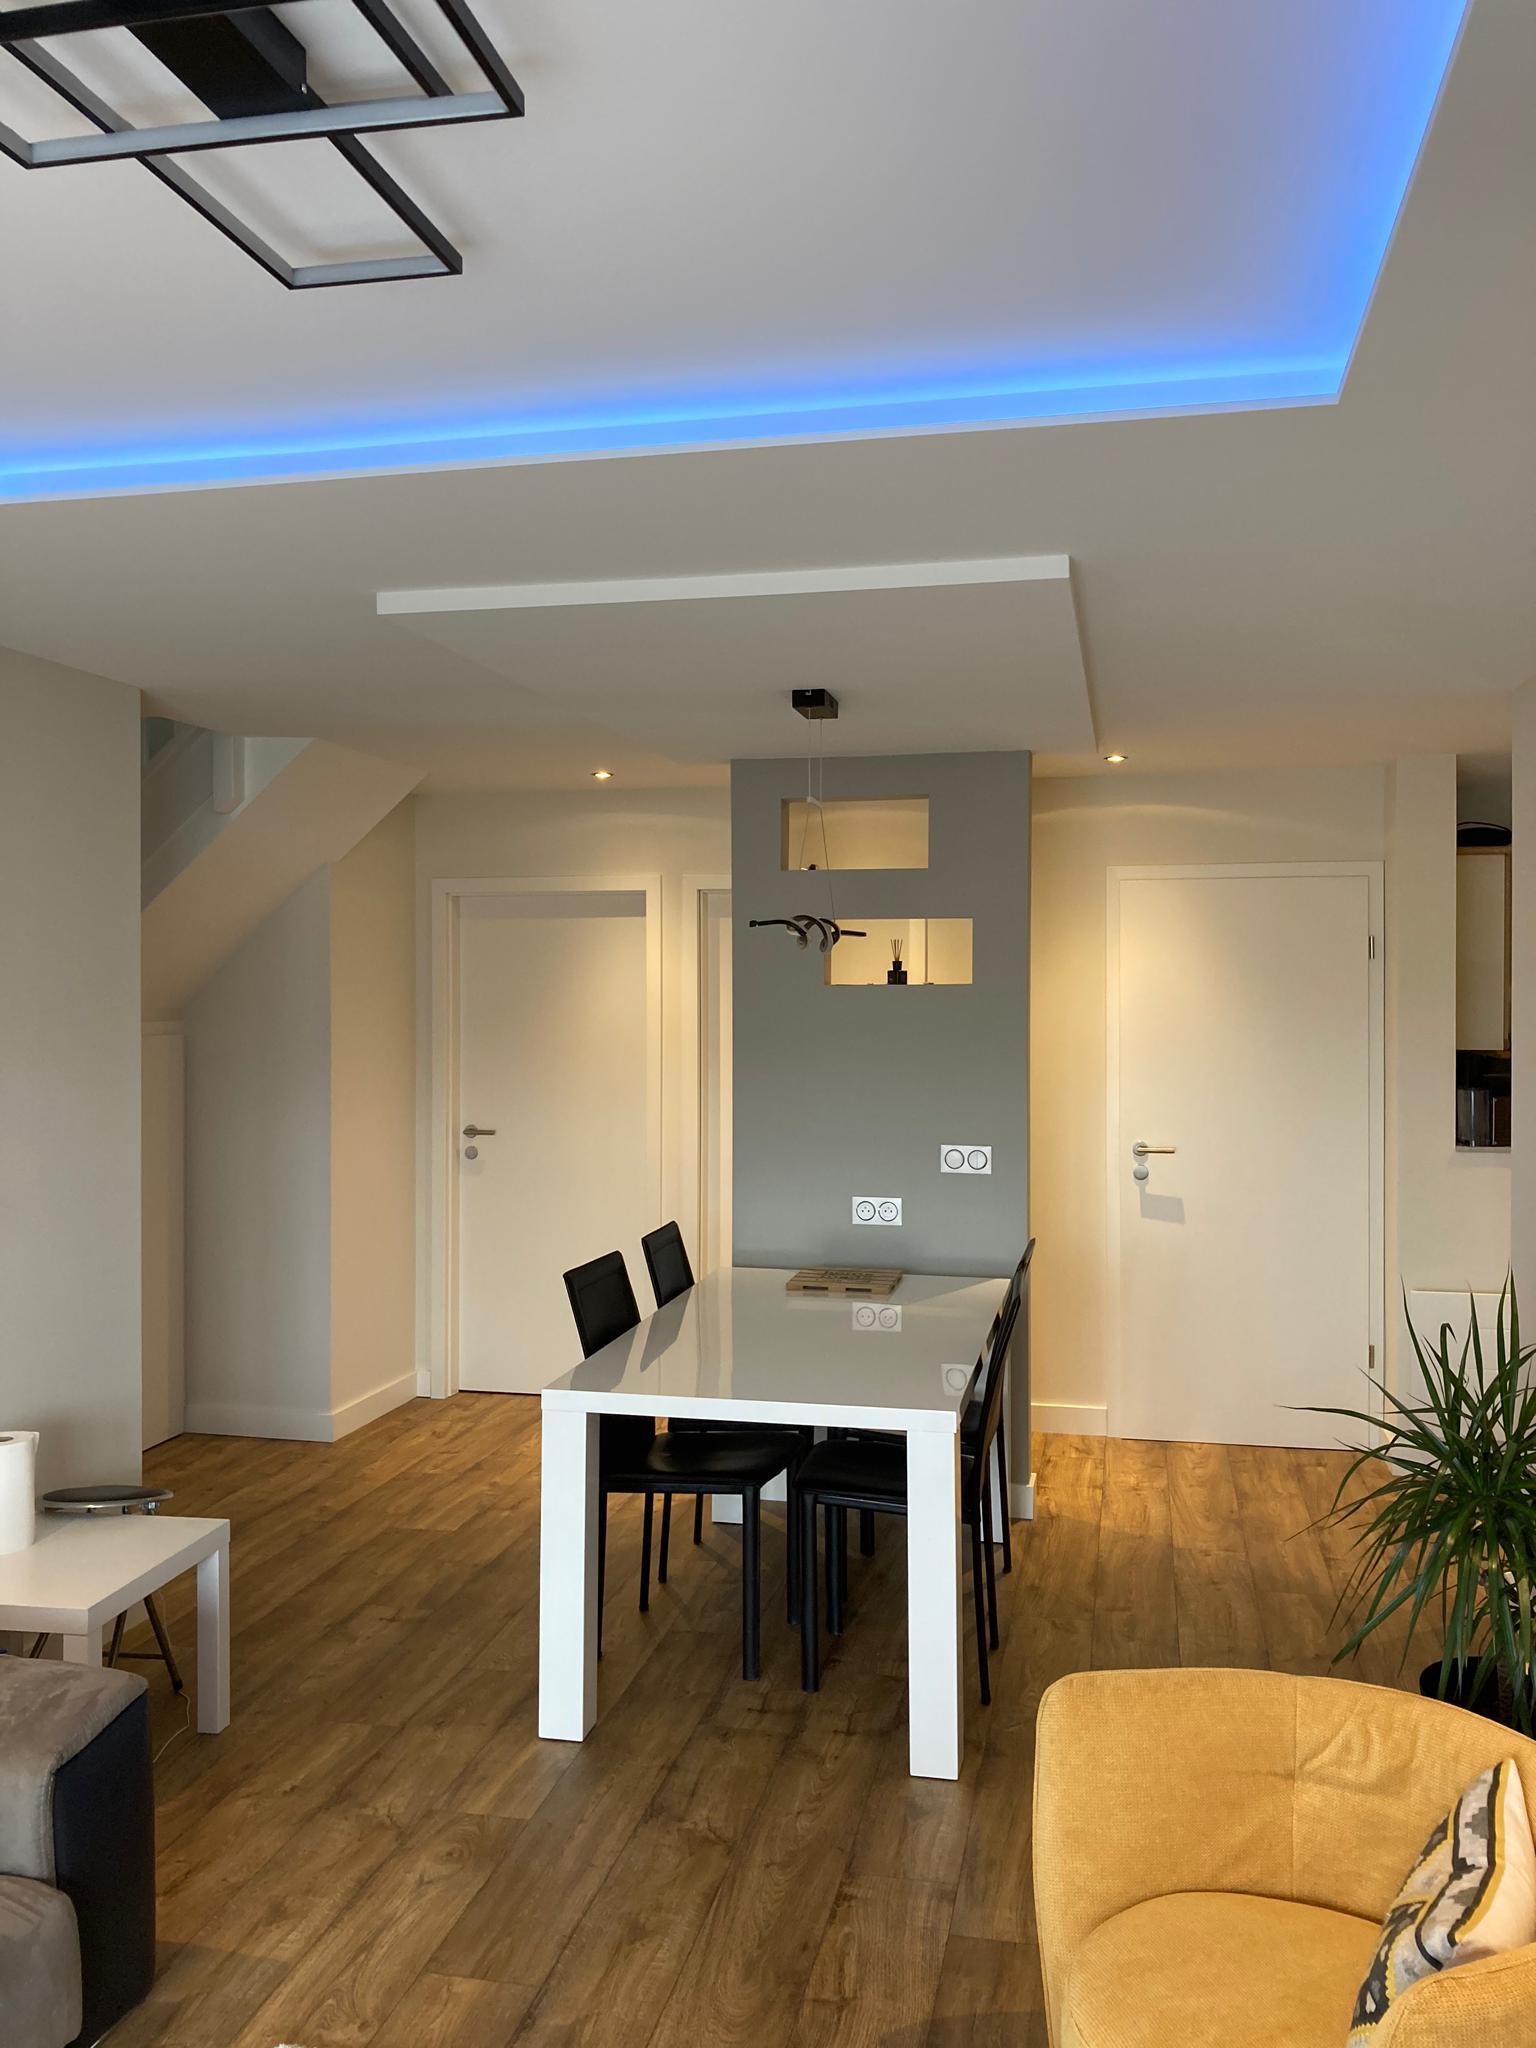 Rénovation d'appartements et maison avec Dalin Construction- une société membre du groupe Catyph